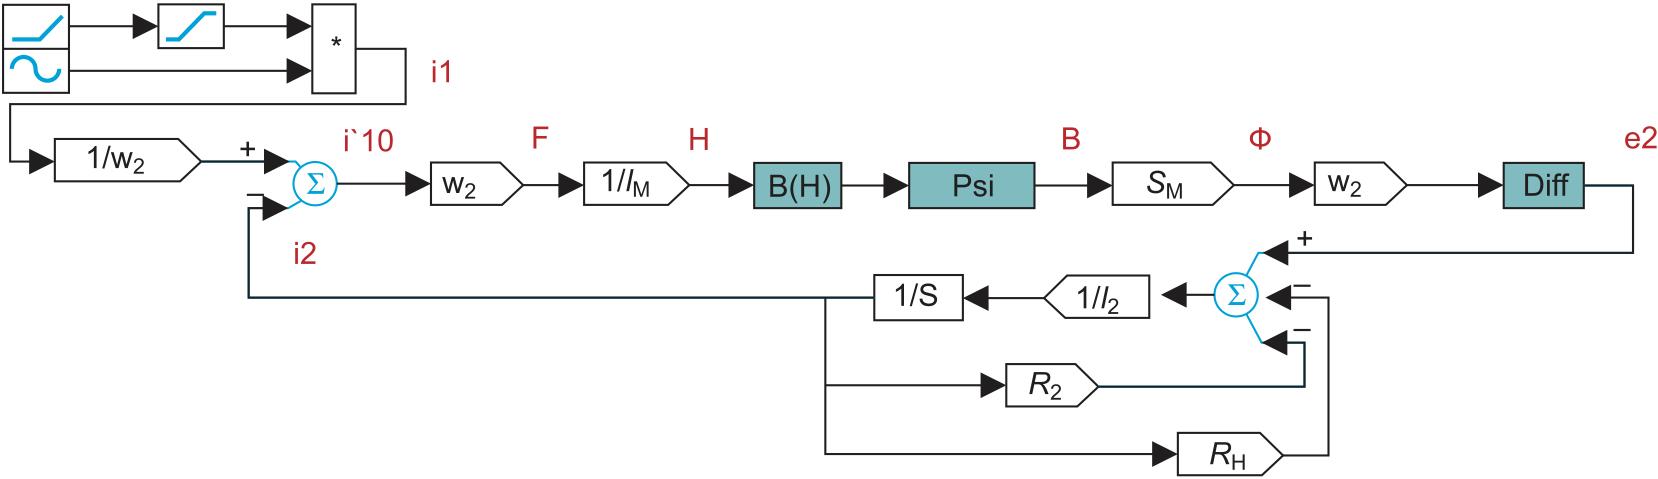 Схема моделирования ТТ в VisSim